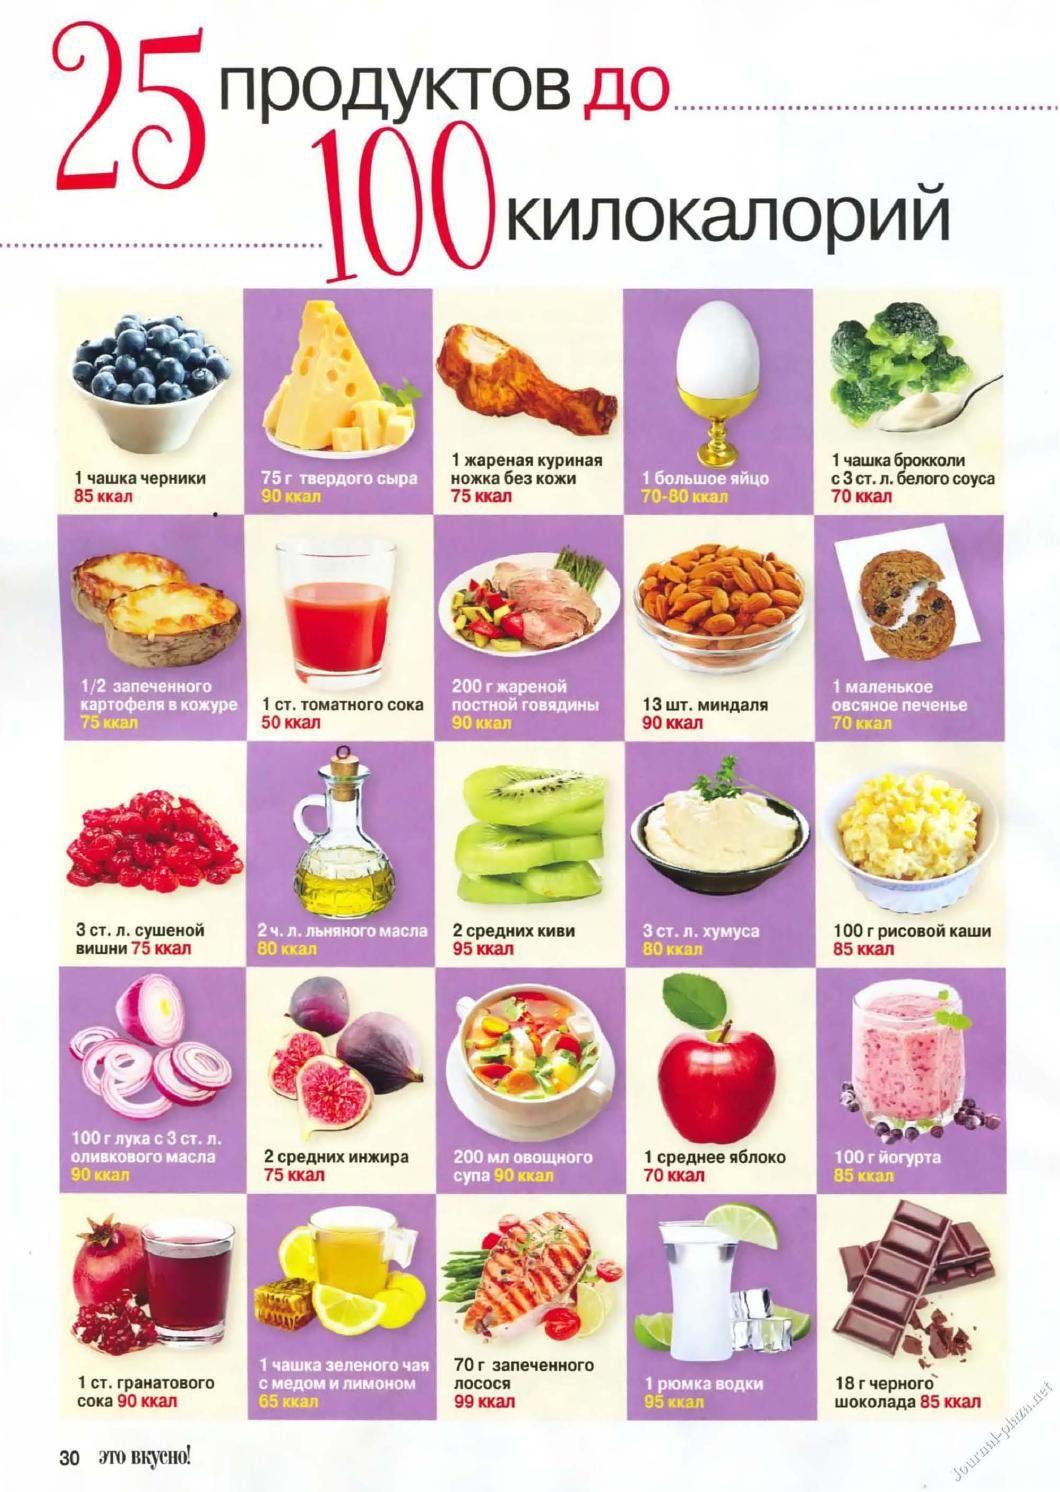 Калории Продуктов Диета. Таблица калорийности продуктов и готовых блюд